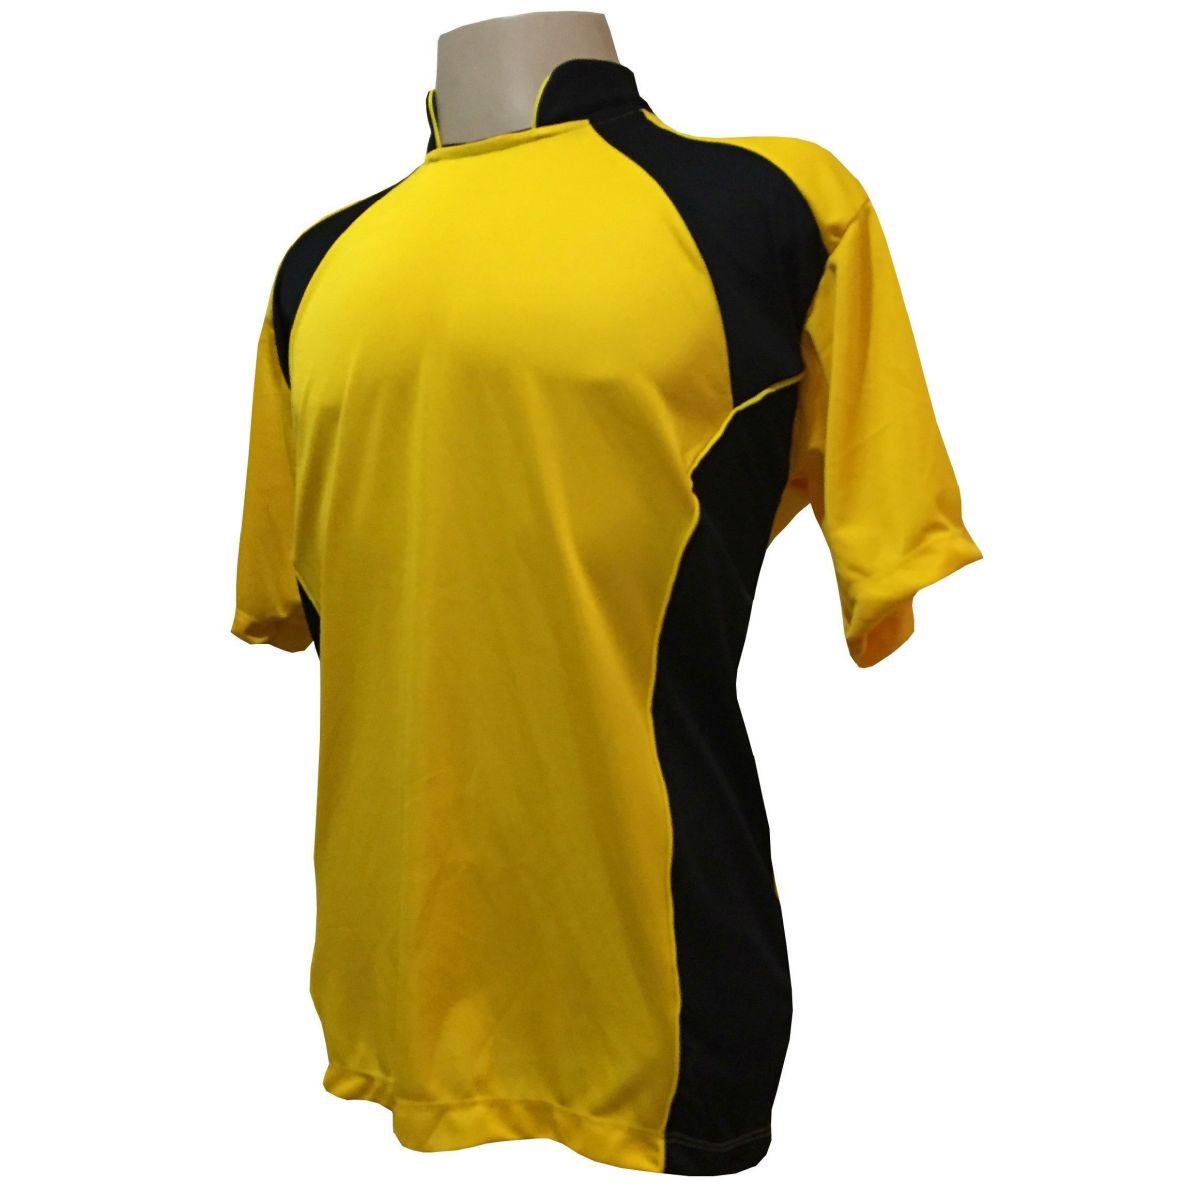 Uniforme Esportivo com 14 camisas modelo Suécia Amarelo/Preto + 14 calções modelo Copa Preto/Amarelo + 14 pares de meiões Preto